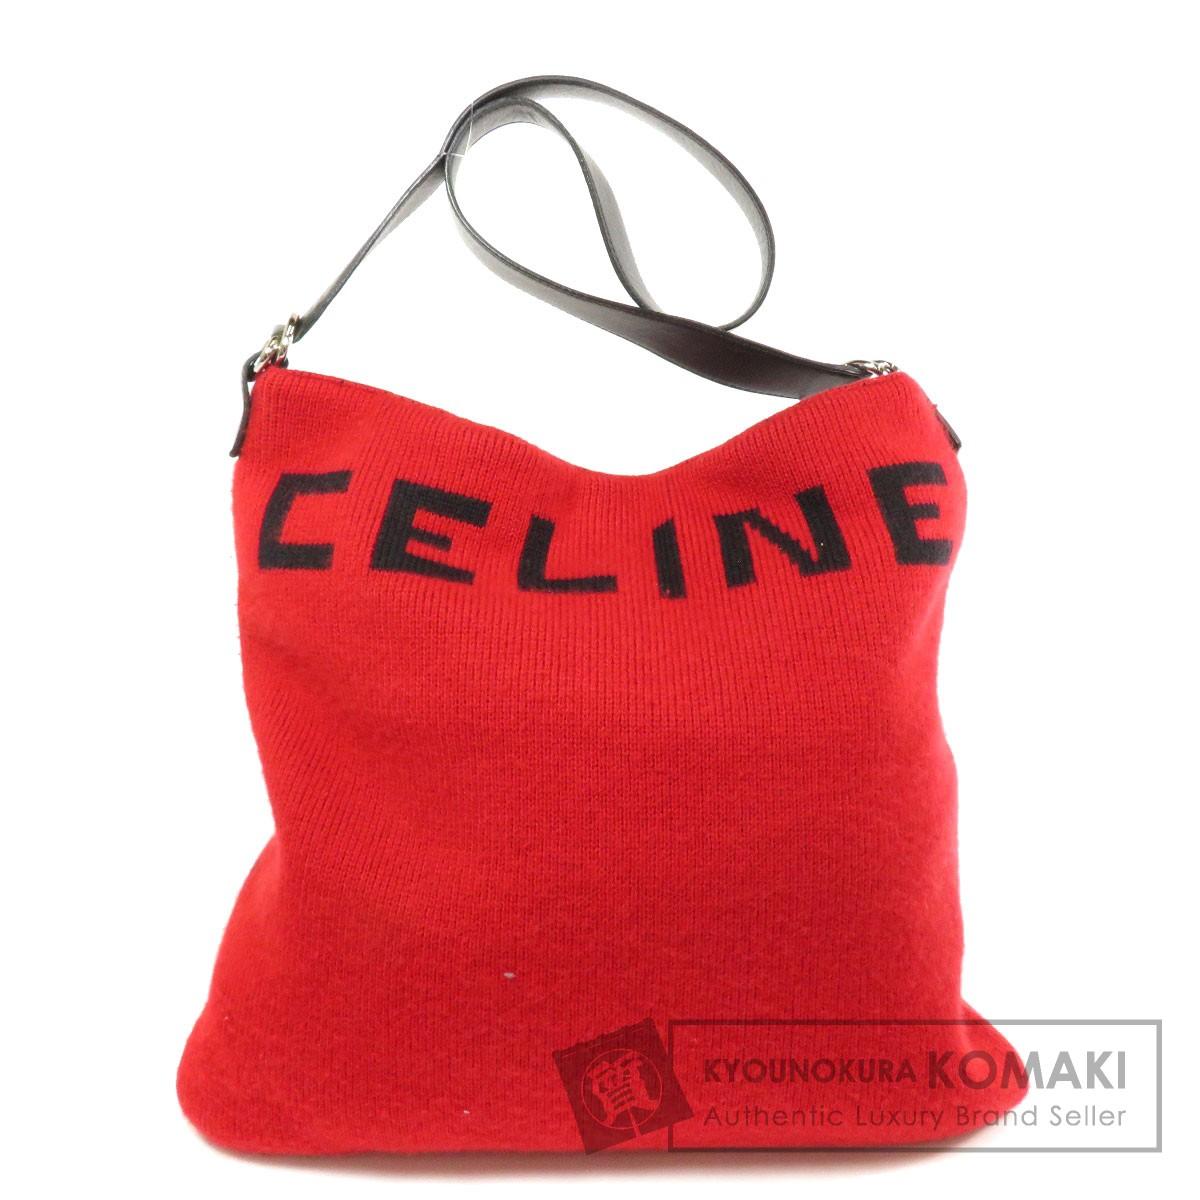 セリーヌ ロゴモチーフ ショルダーバッグ ニット/レザー レディース 【中古】【CELINE】